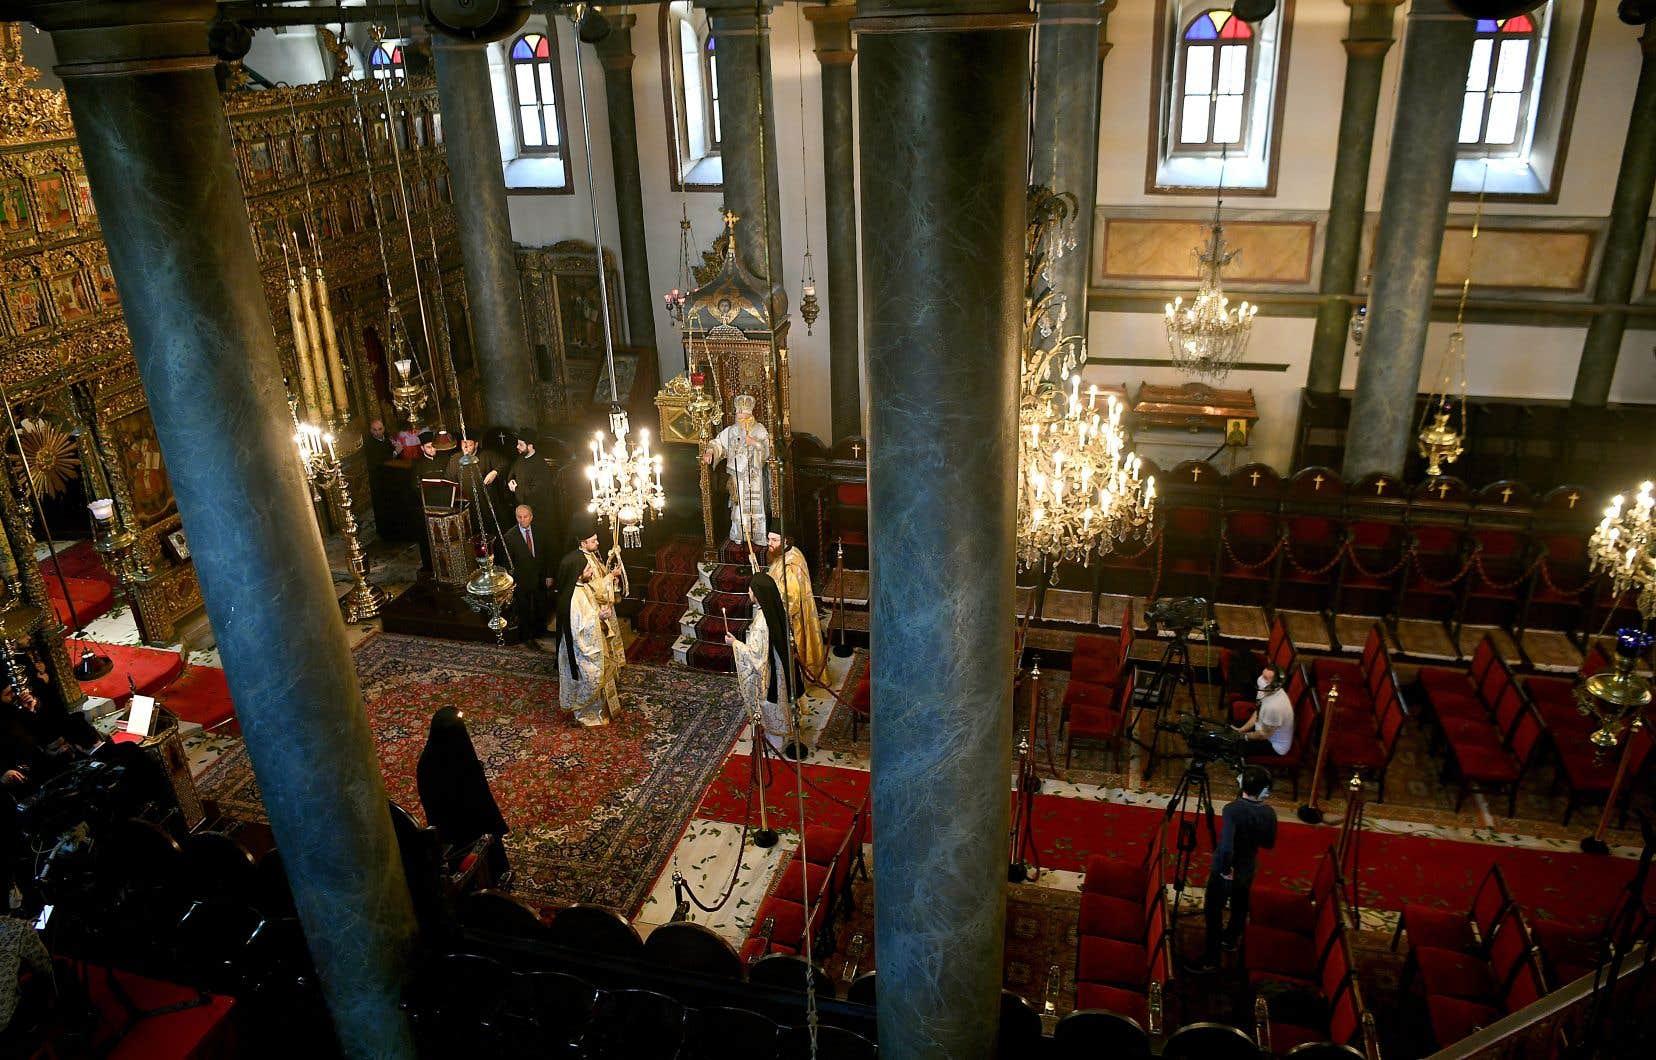 Le patriarche oecuménique de Constantinople, Bartholomée Ier, a assuré une messe à huis clos, mais retransmise sur Internet, dimanche, dans la cathédrale Saint-Georges d'Istanbul, en Turquie.